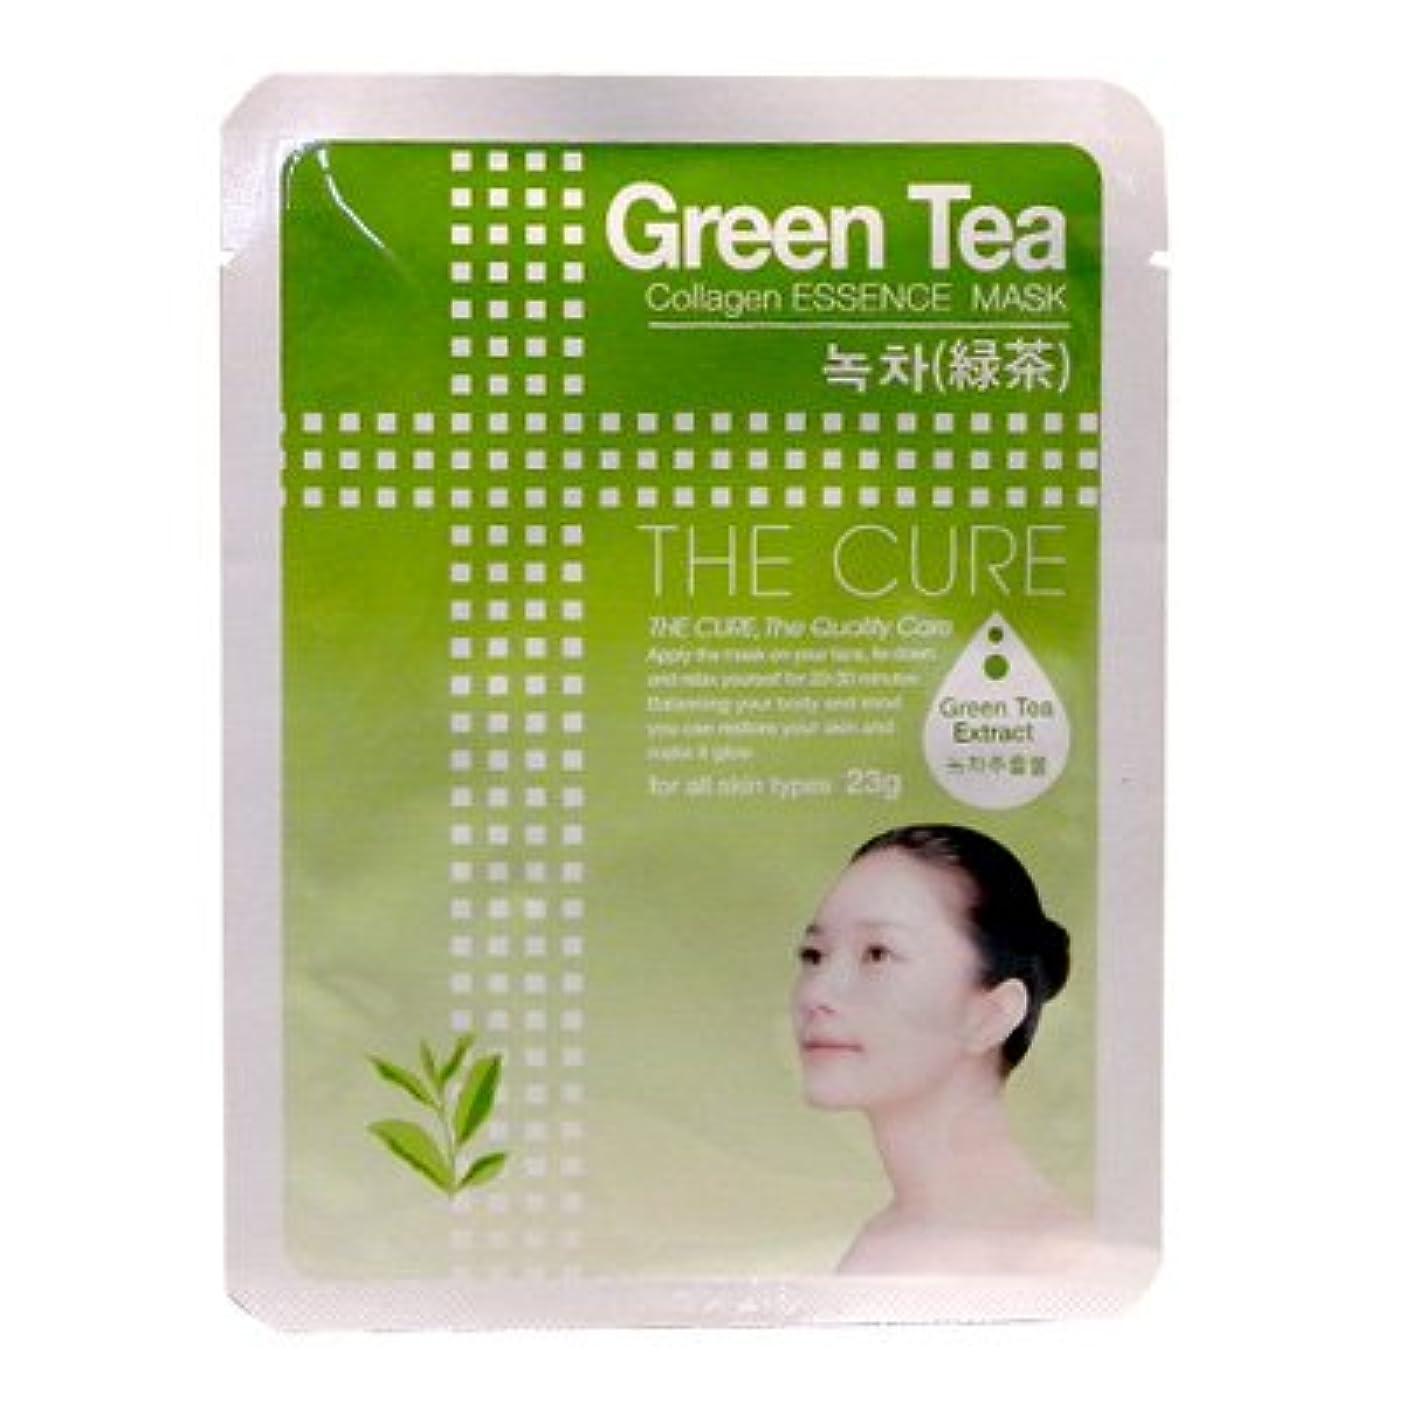 キュービック生き残り成熟CURE マスク シートパック 緑茶